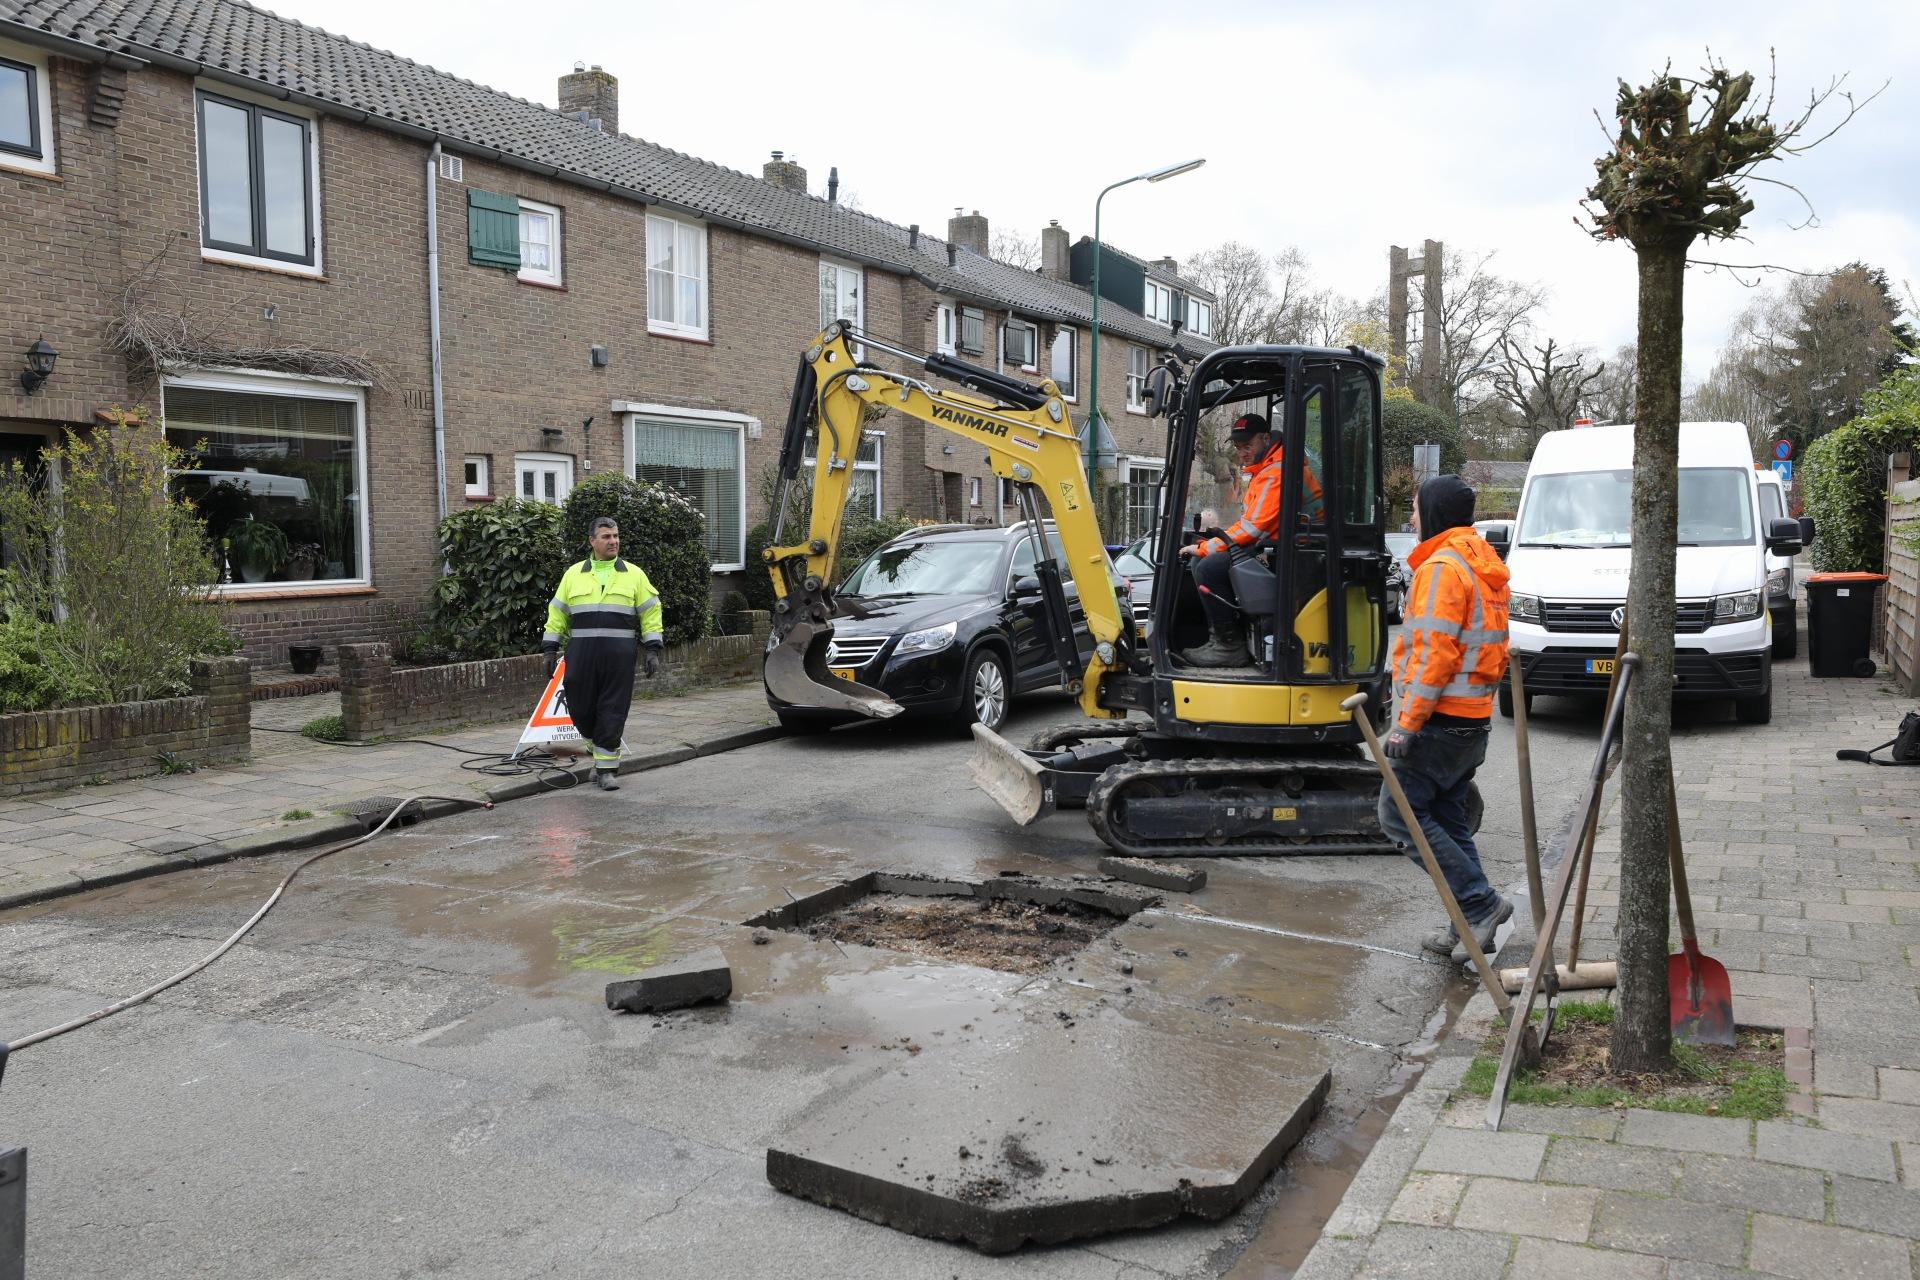 Schilderswijk in Baarn kampt met lastige stroomstoring; weg opengebroken om storing te verhelpen